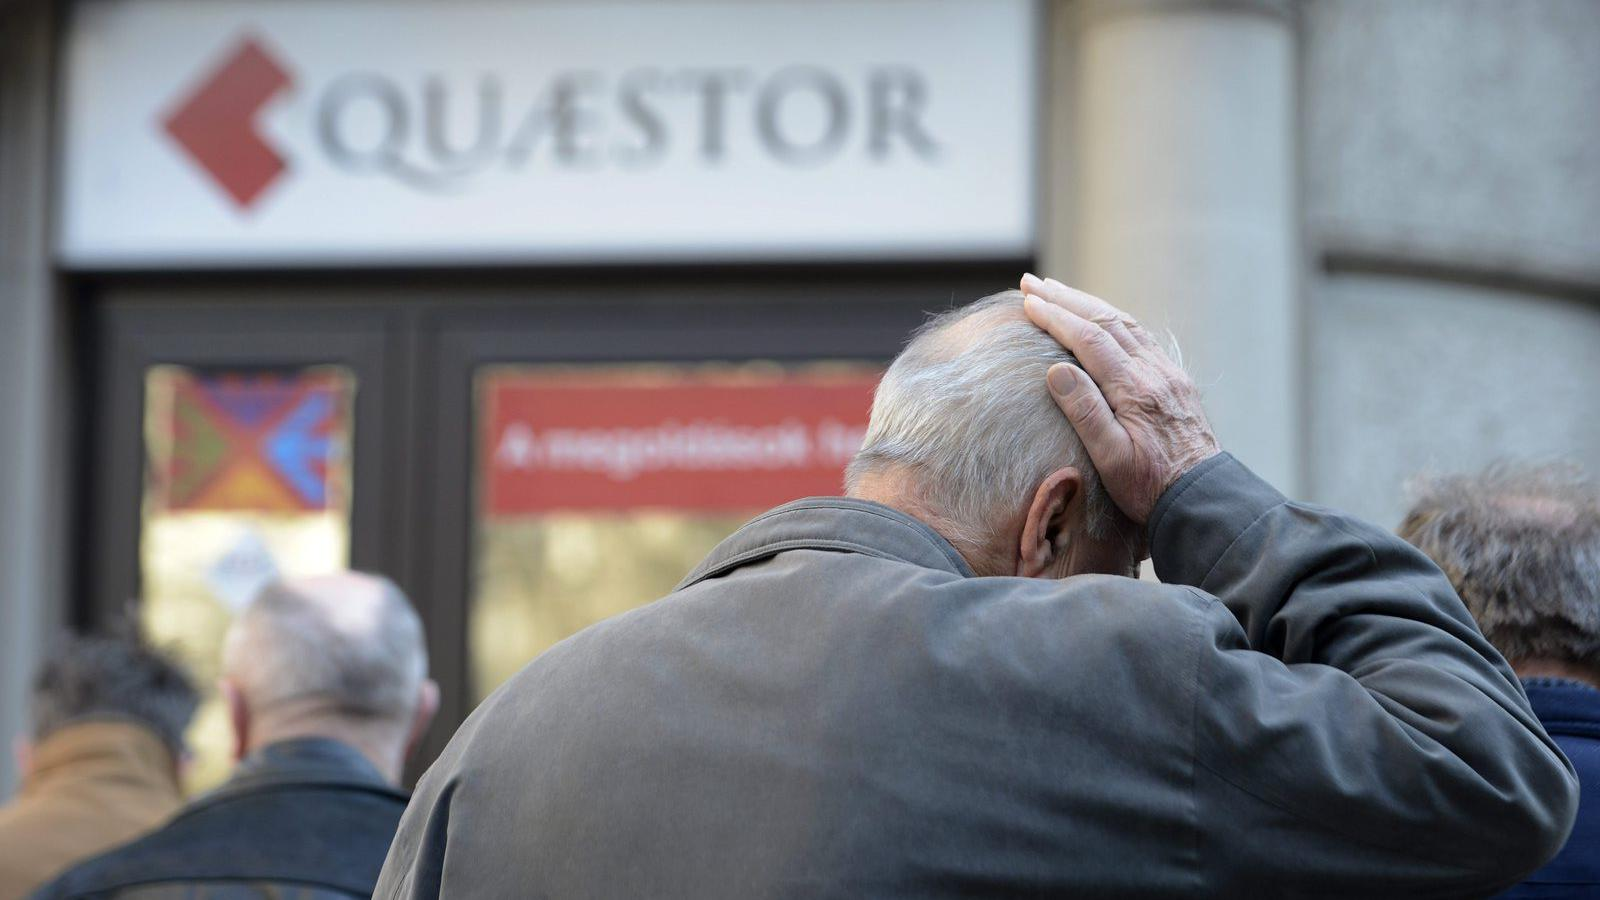 00a784f41f Népszava Quaestor - Tarsoly visszaveszi vezetői tisztségeit